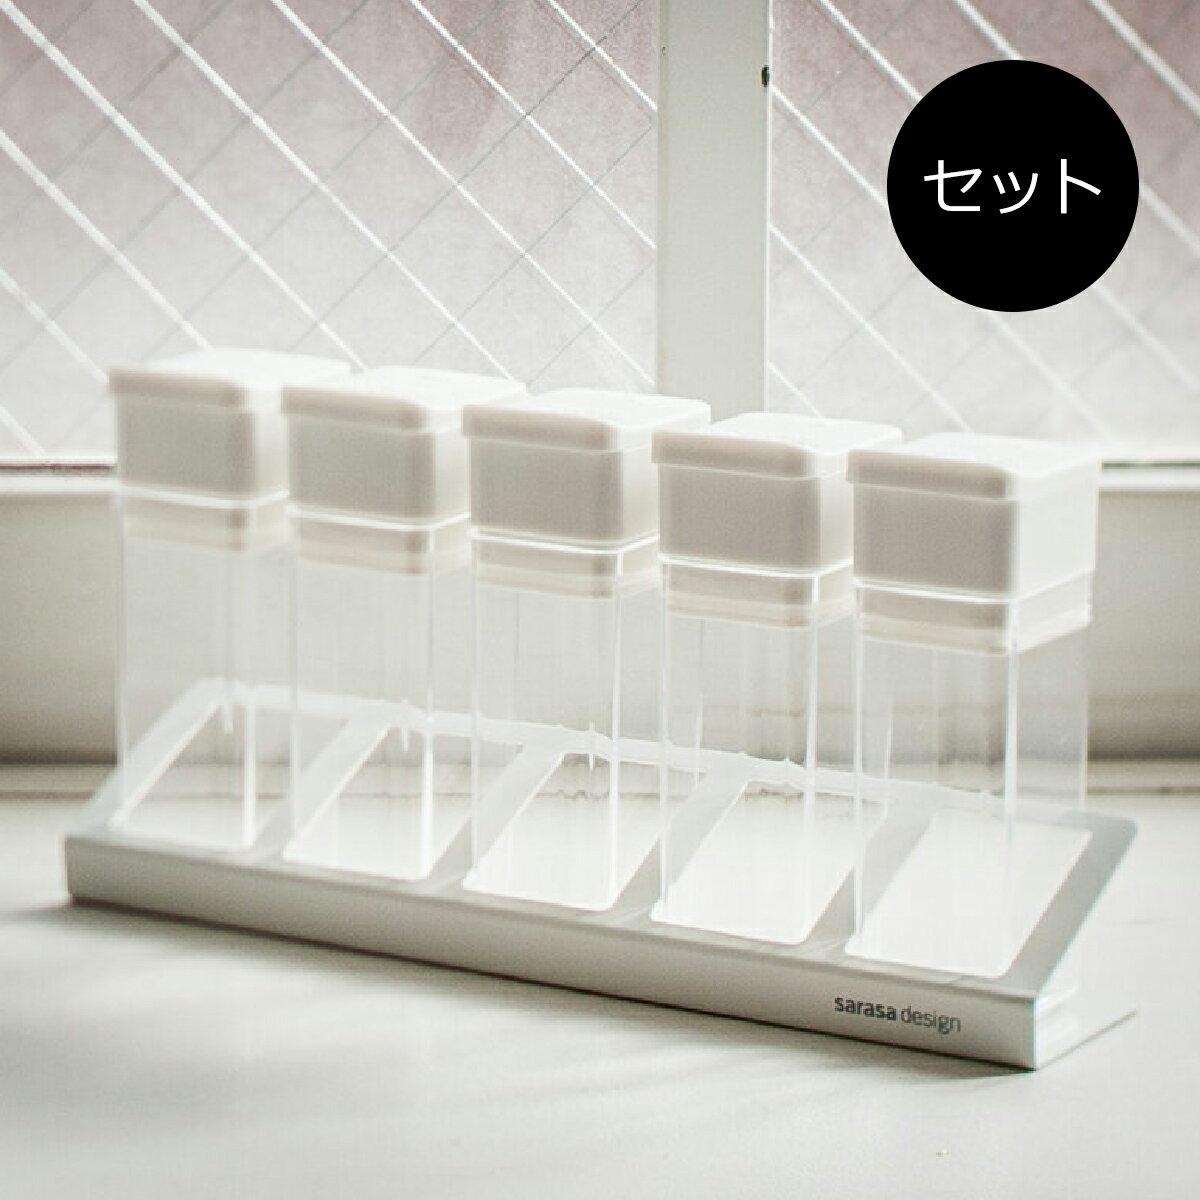 当店通常価格¥4,536 [お得なセット販売●b2cスパイスボトル5本 + ホルダー(5本用)セット]